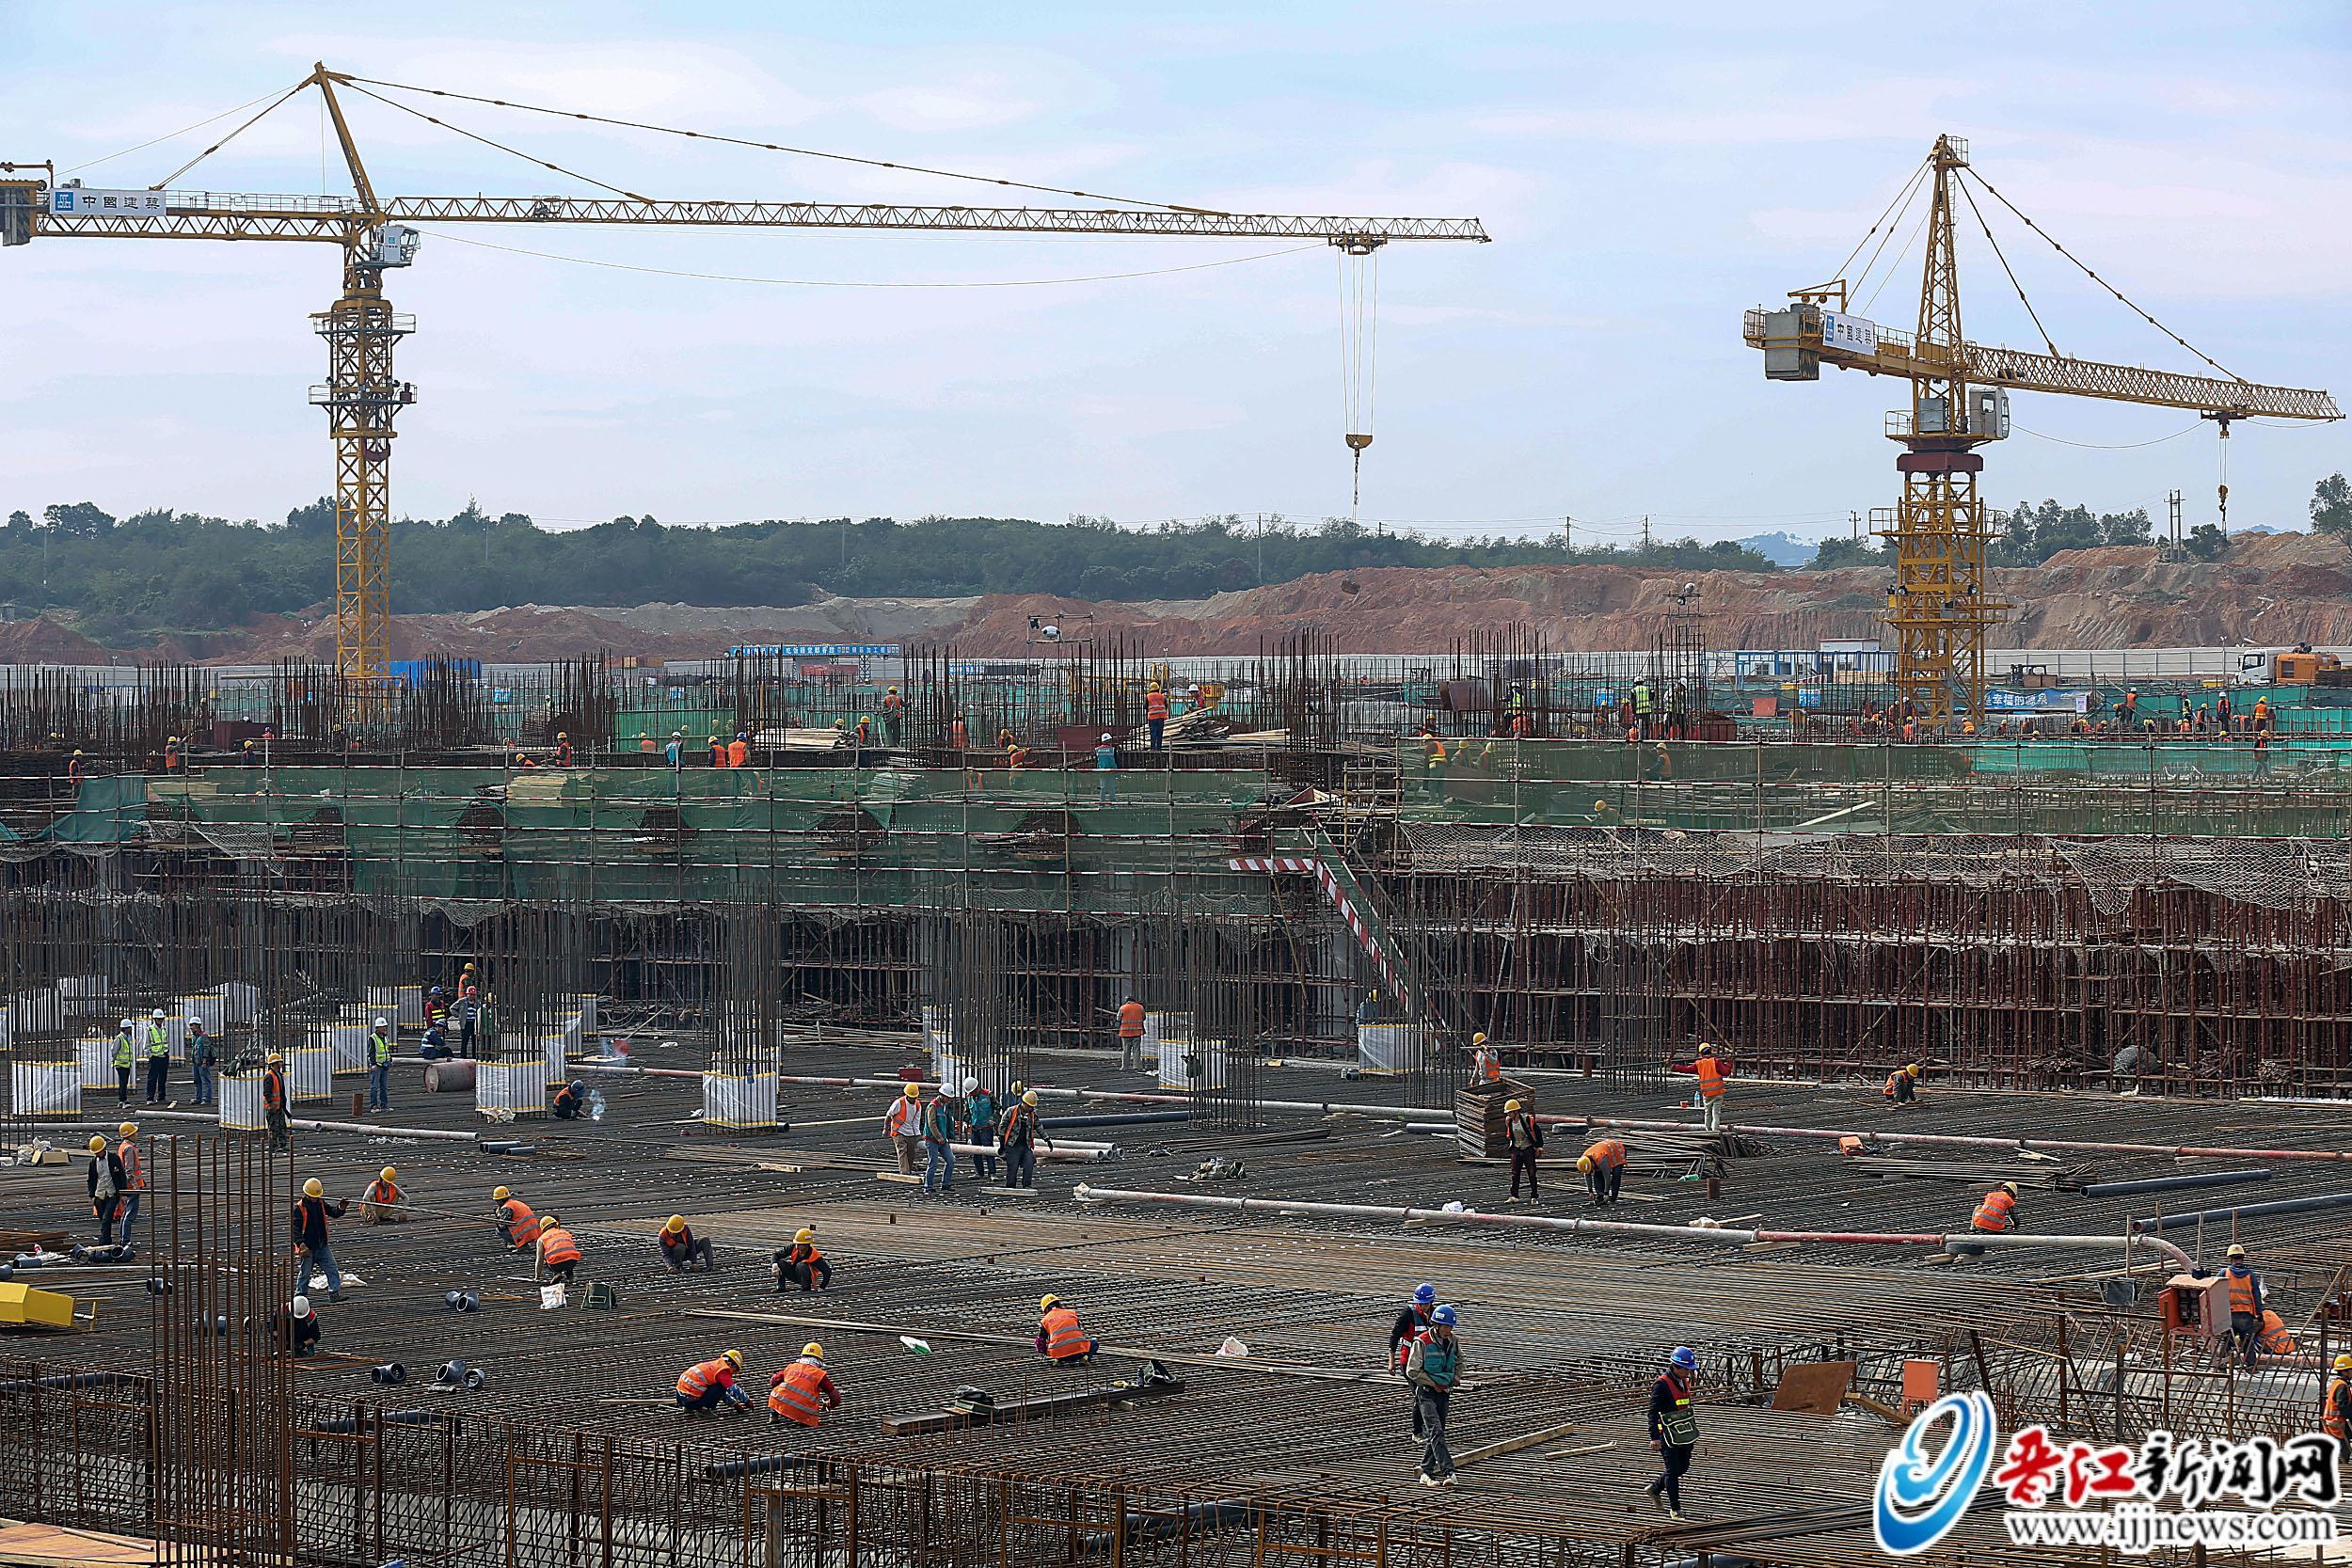 晋华集成电路项目2000多人齐作业:抢晴战雨 现场施工忙